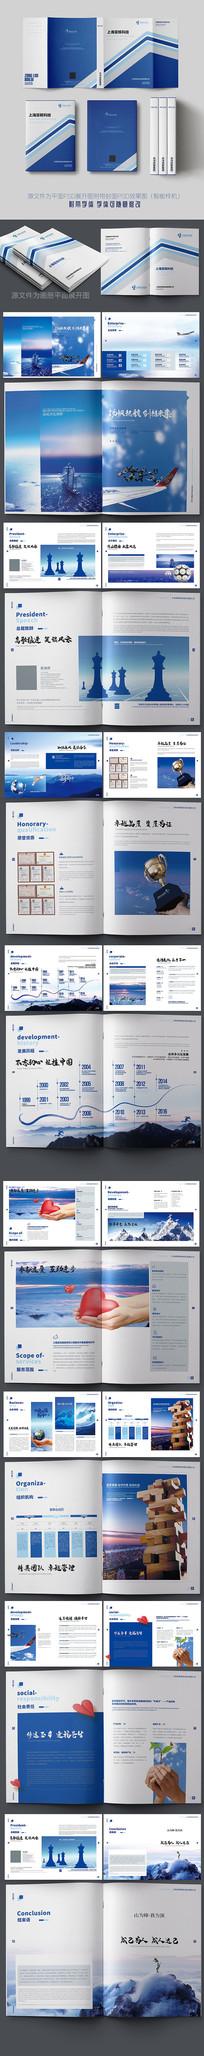 整套高端简约蓝色企业形象宣传画册设计